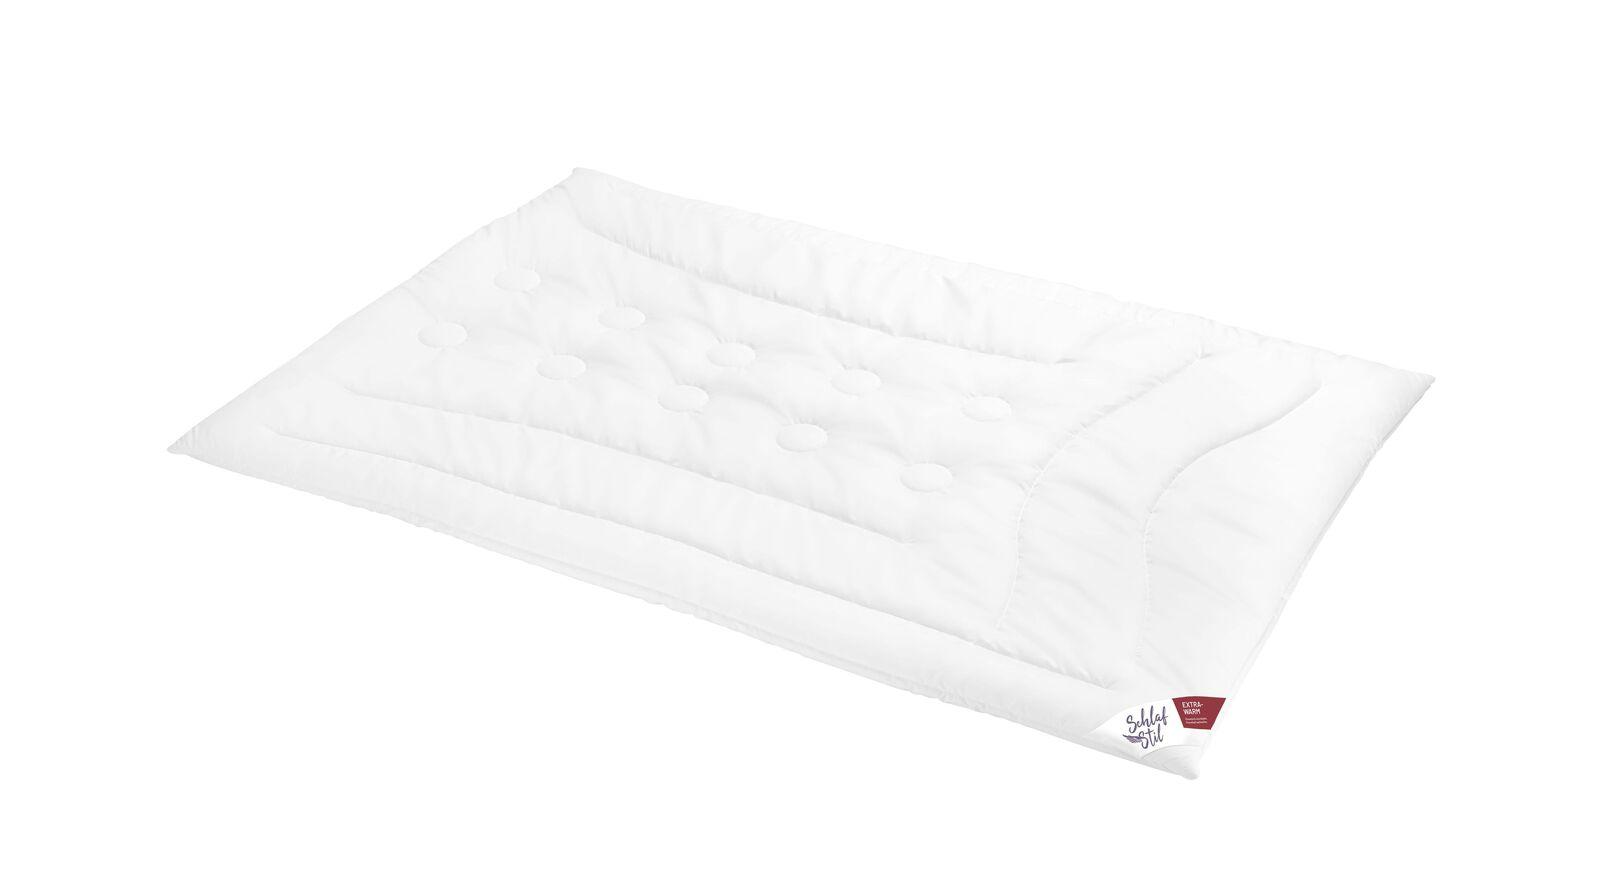 SCHLAFSTIL Markenfaser-Bettdecke F400 etxra warm für kalte Nächte